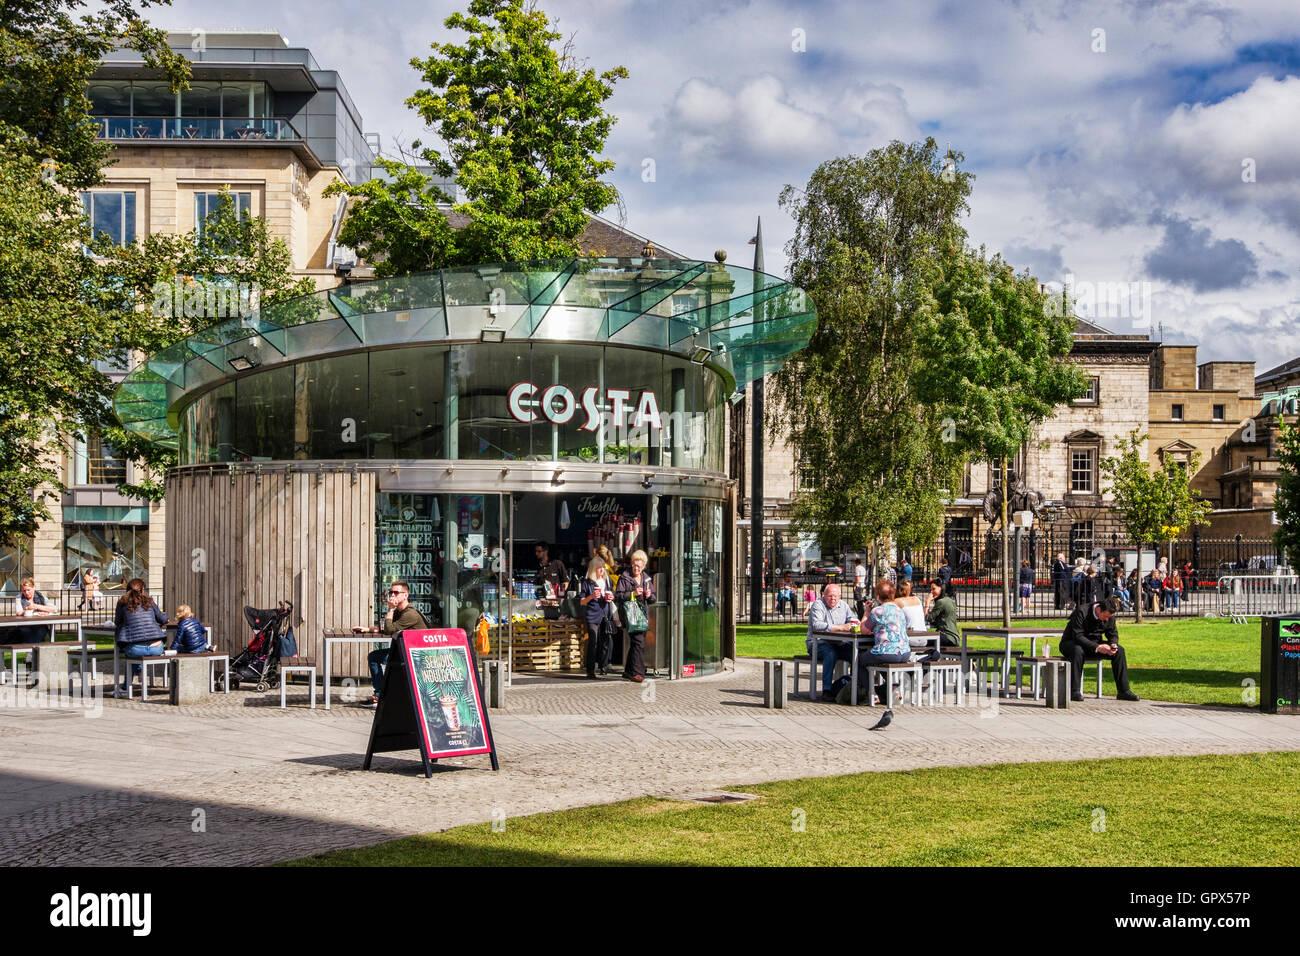 Costa Coffee Shop In St Andrew Square Edinburgh Scotland